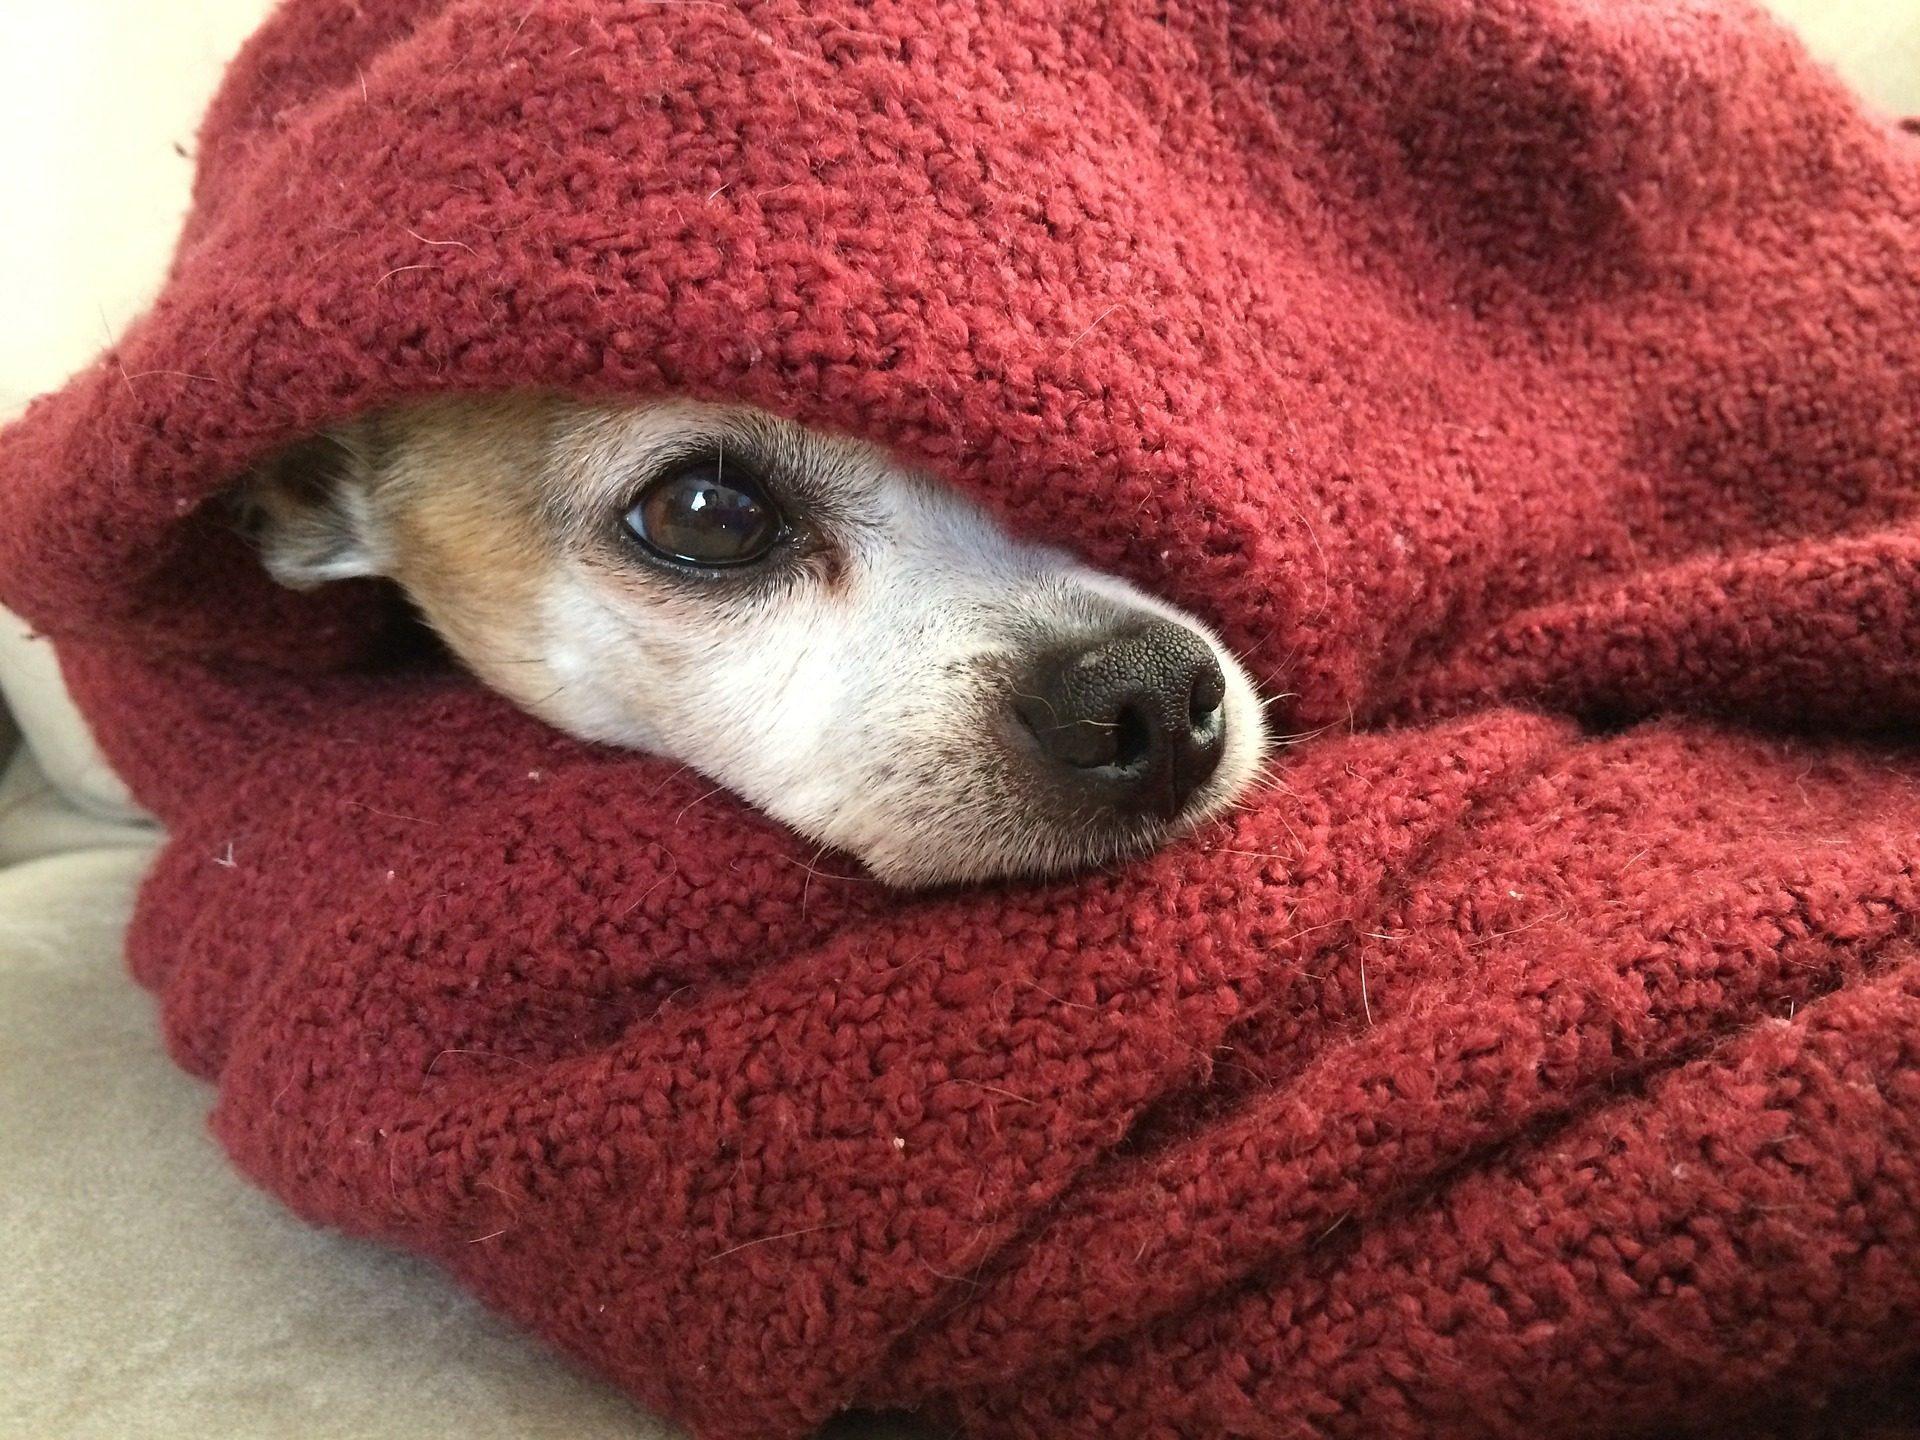 Τσιουάουα, σκύλος, Κατοικίδιο ζώο, manta, κρυφό - Wallpapers HD - Professor-falken.com